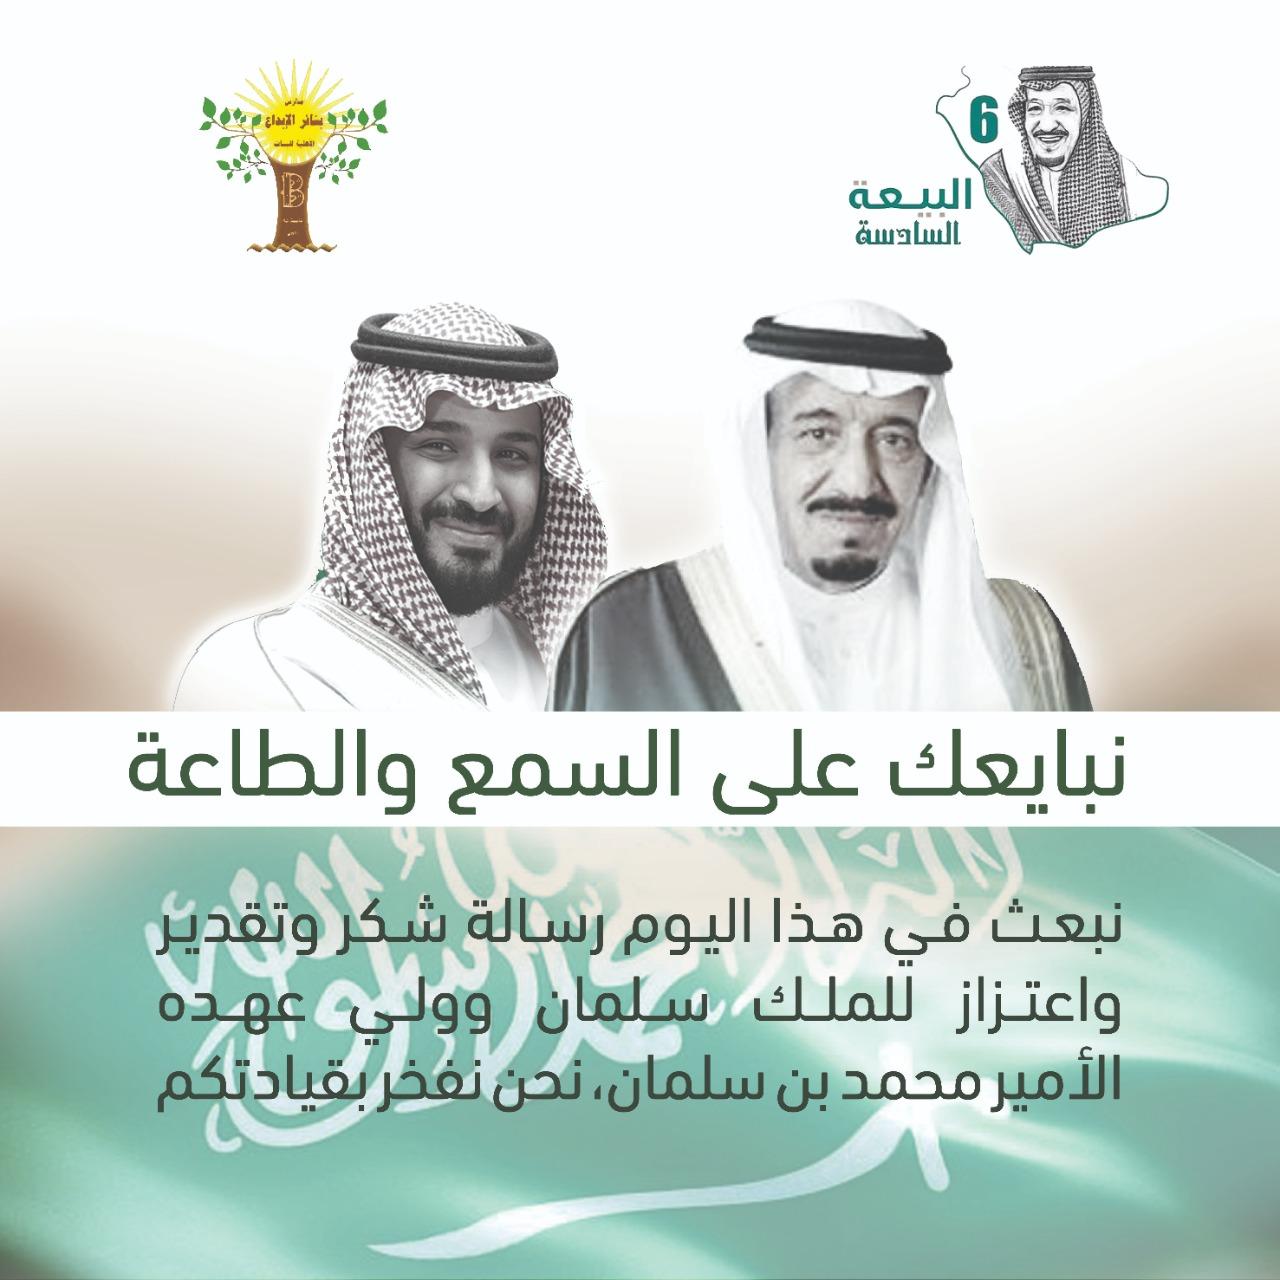 شعار بيعت الملك سلمان Kaiza Today